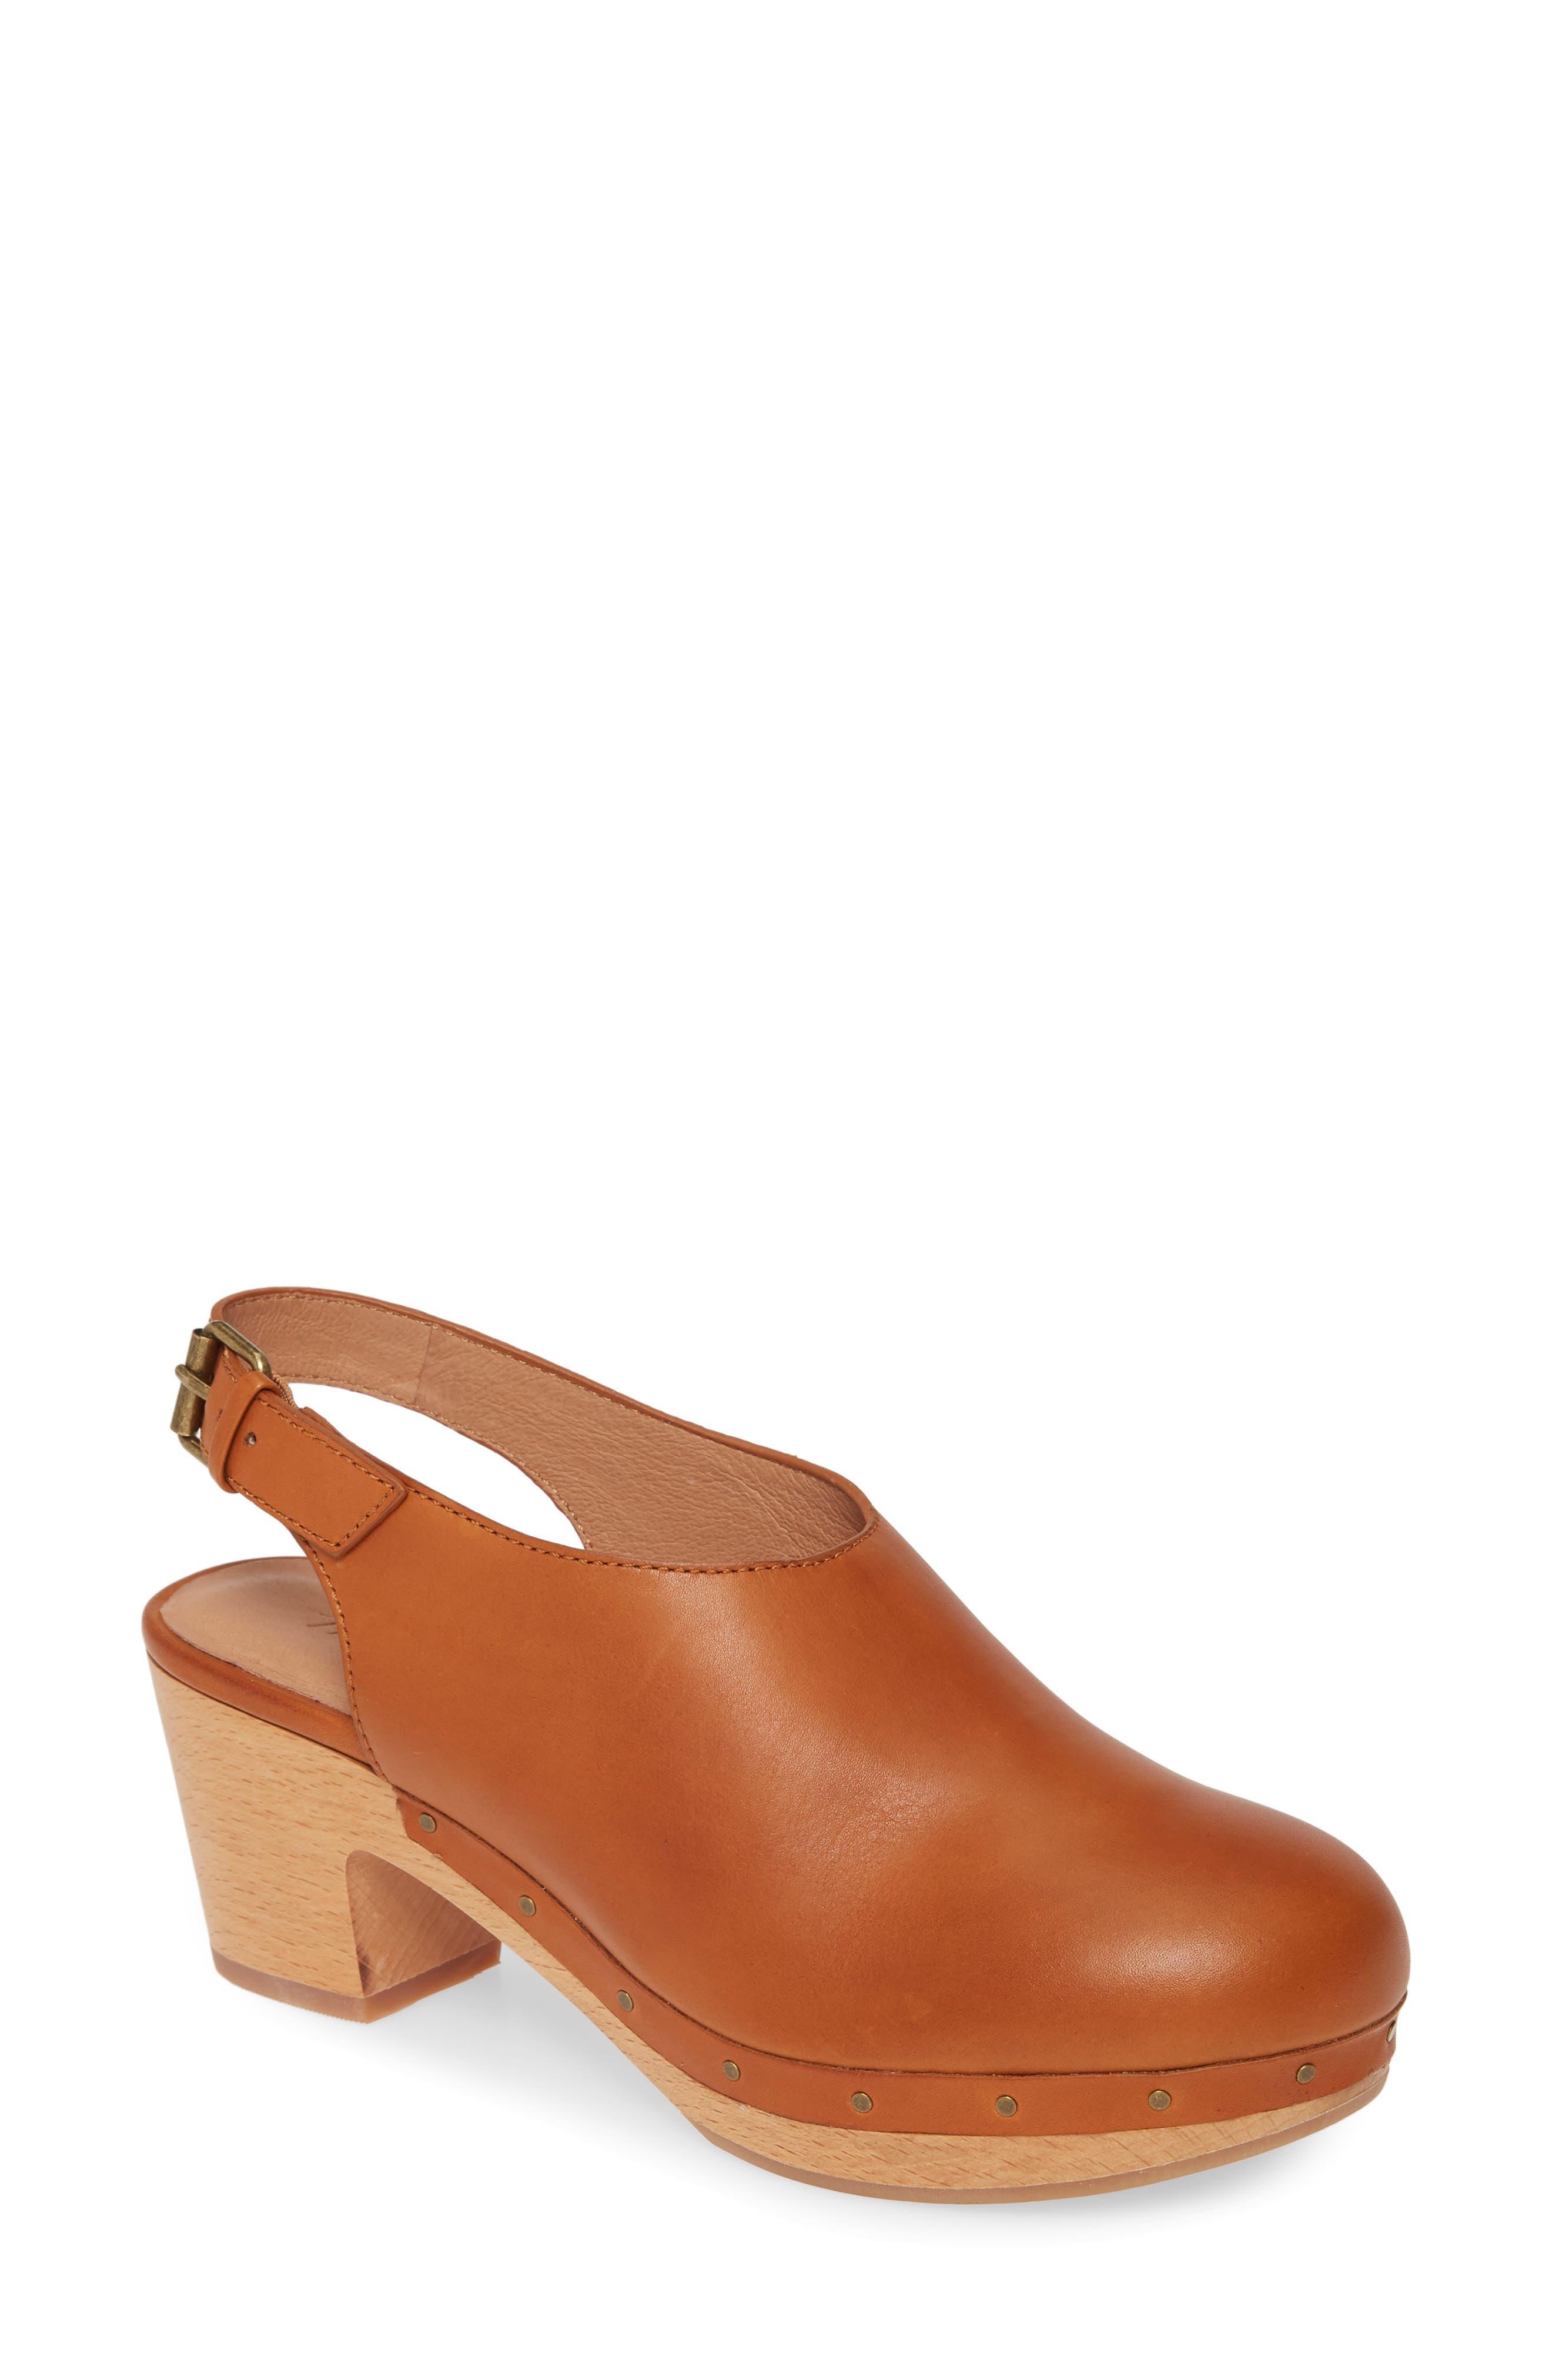 Madewell Shoes The Marlo Slingback Clog